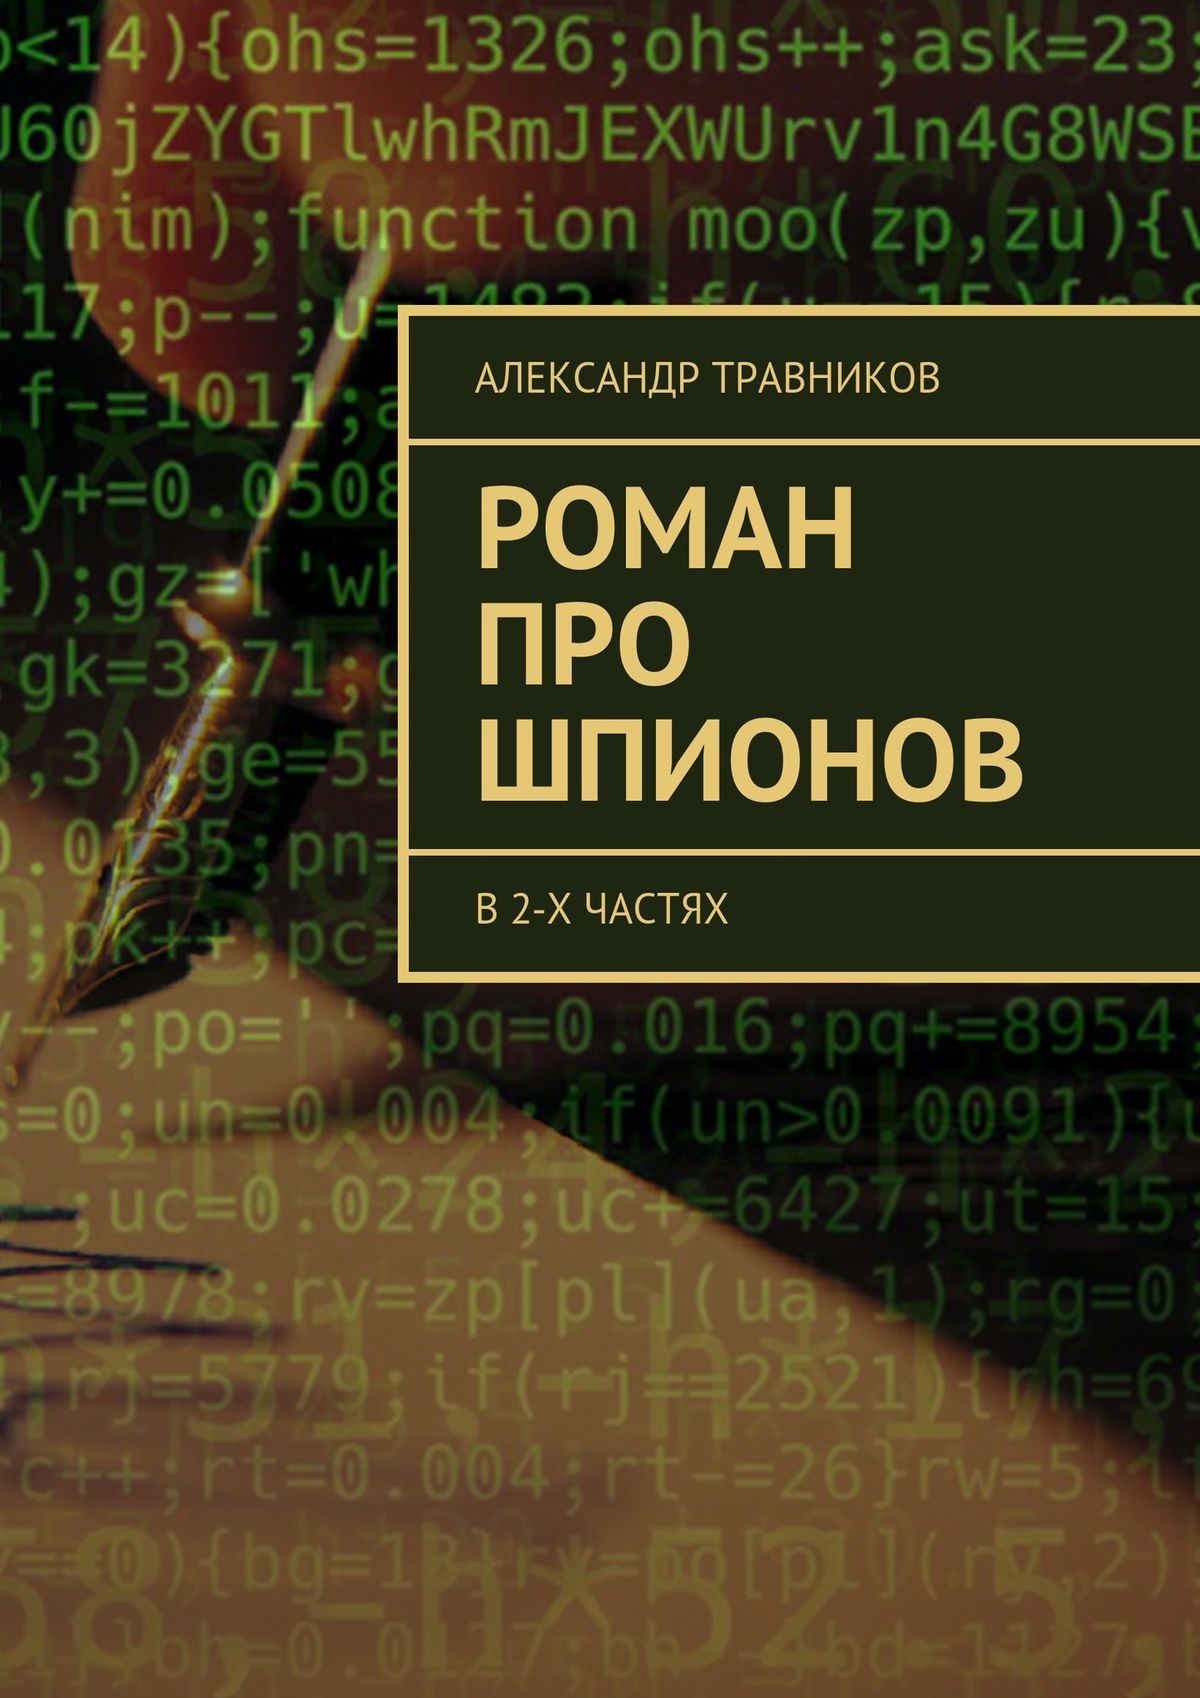 Александр Травников Роман про шпионов. В2-х частях